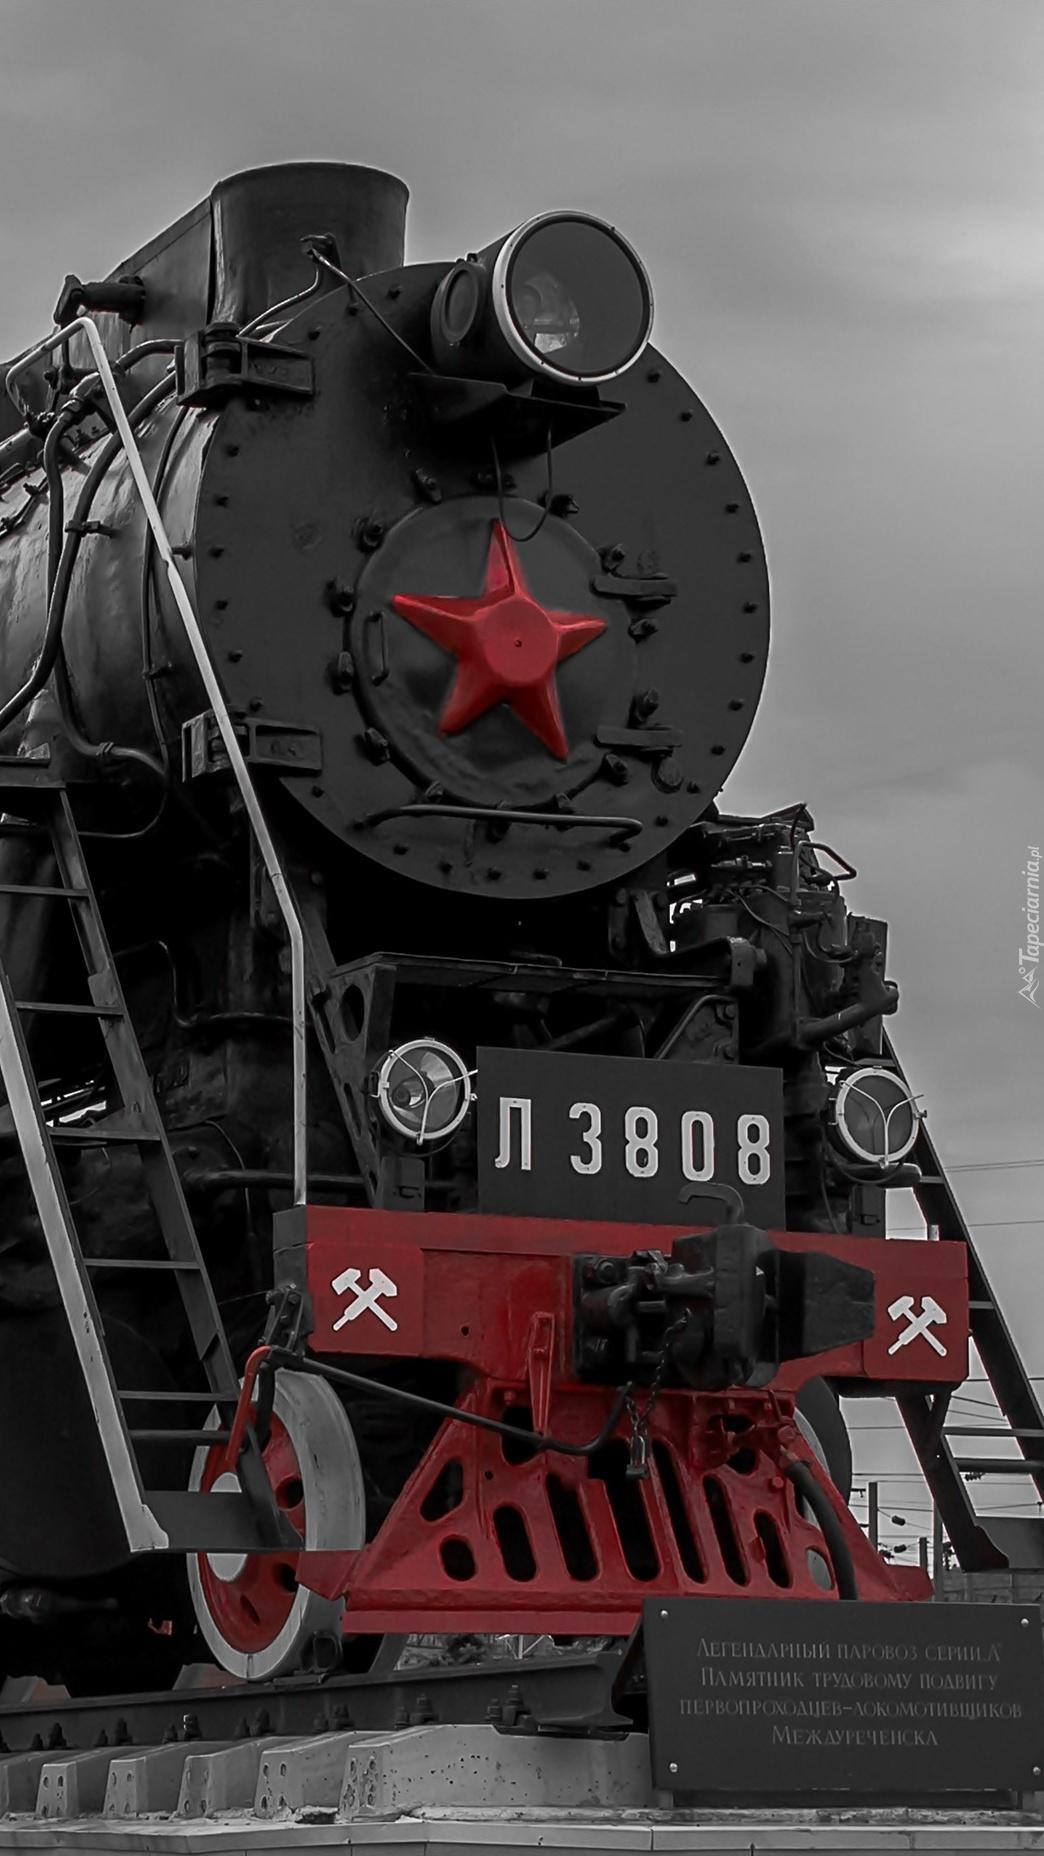 Lokomotywa z czerwoną gwiazdą na przodzie